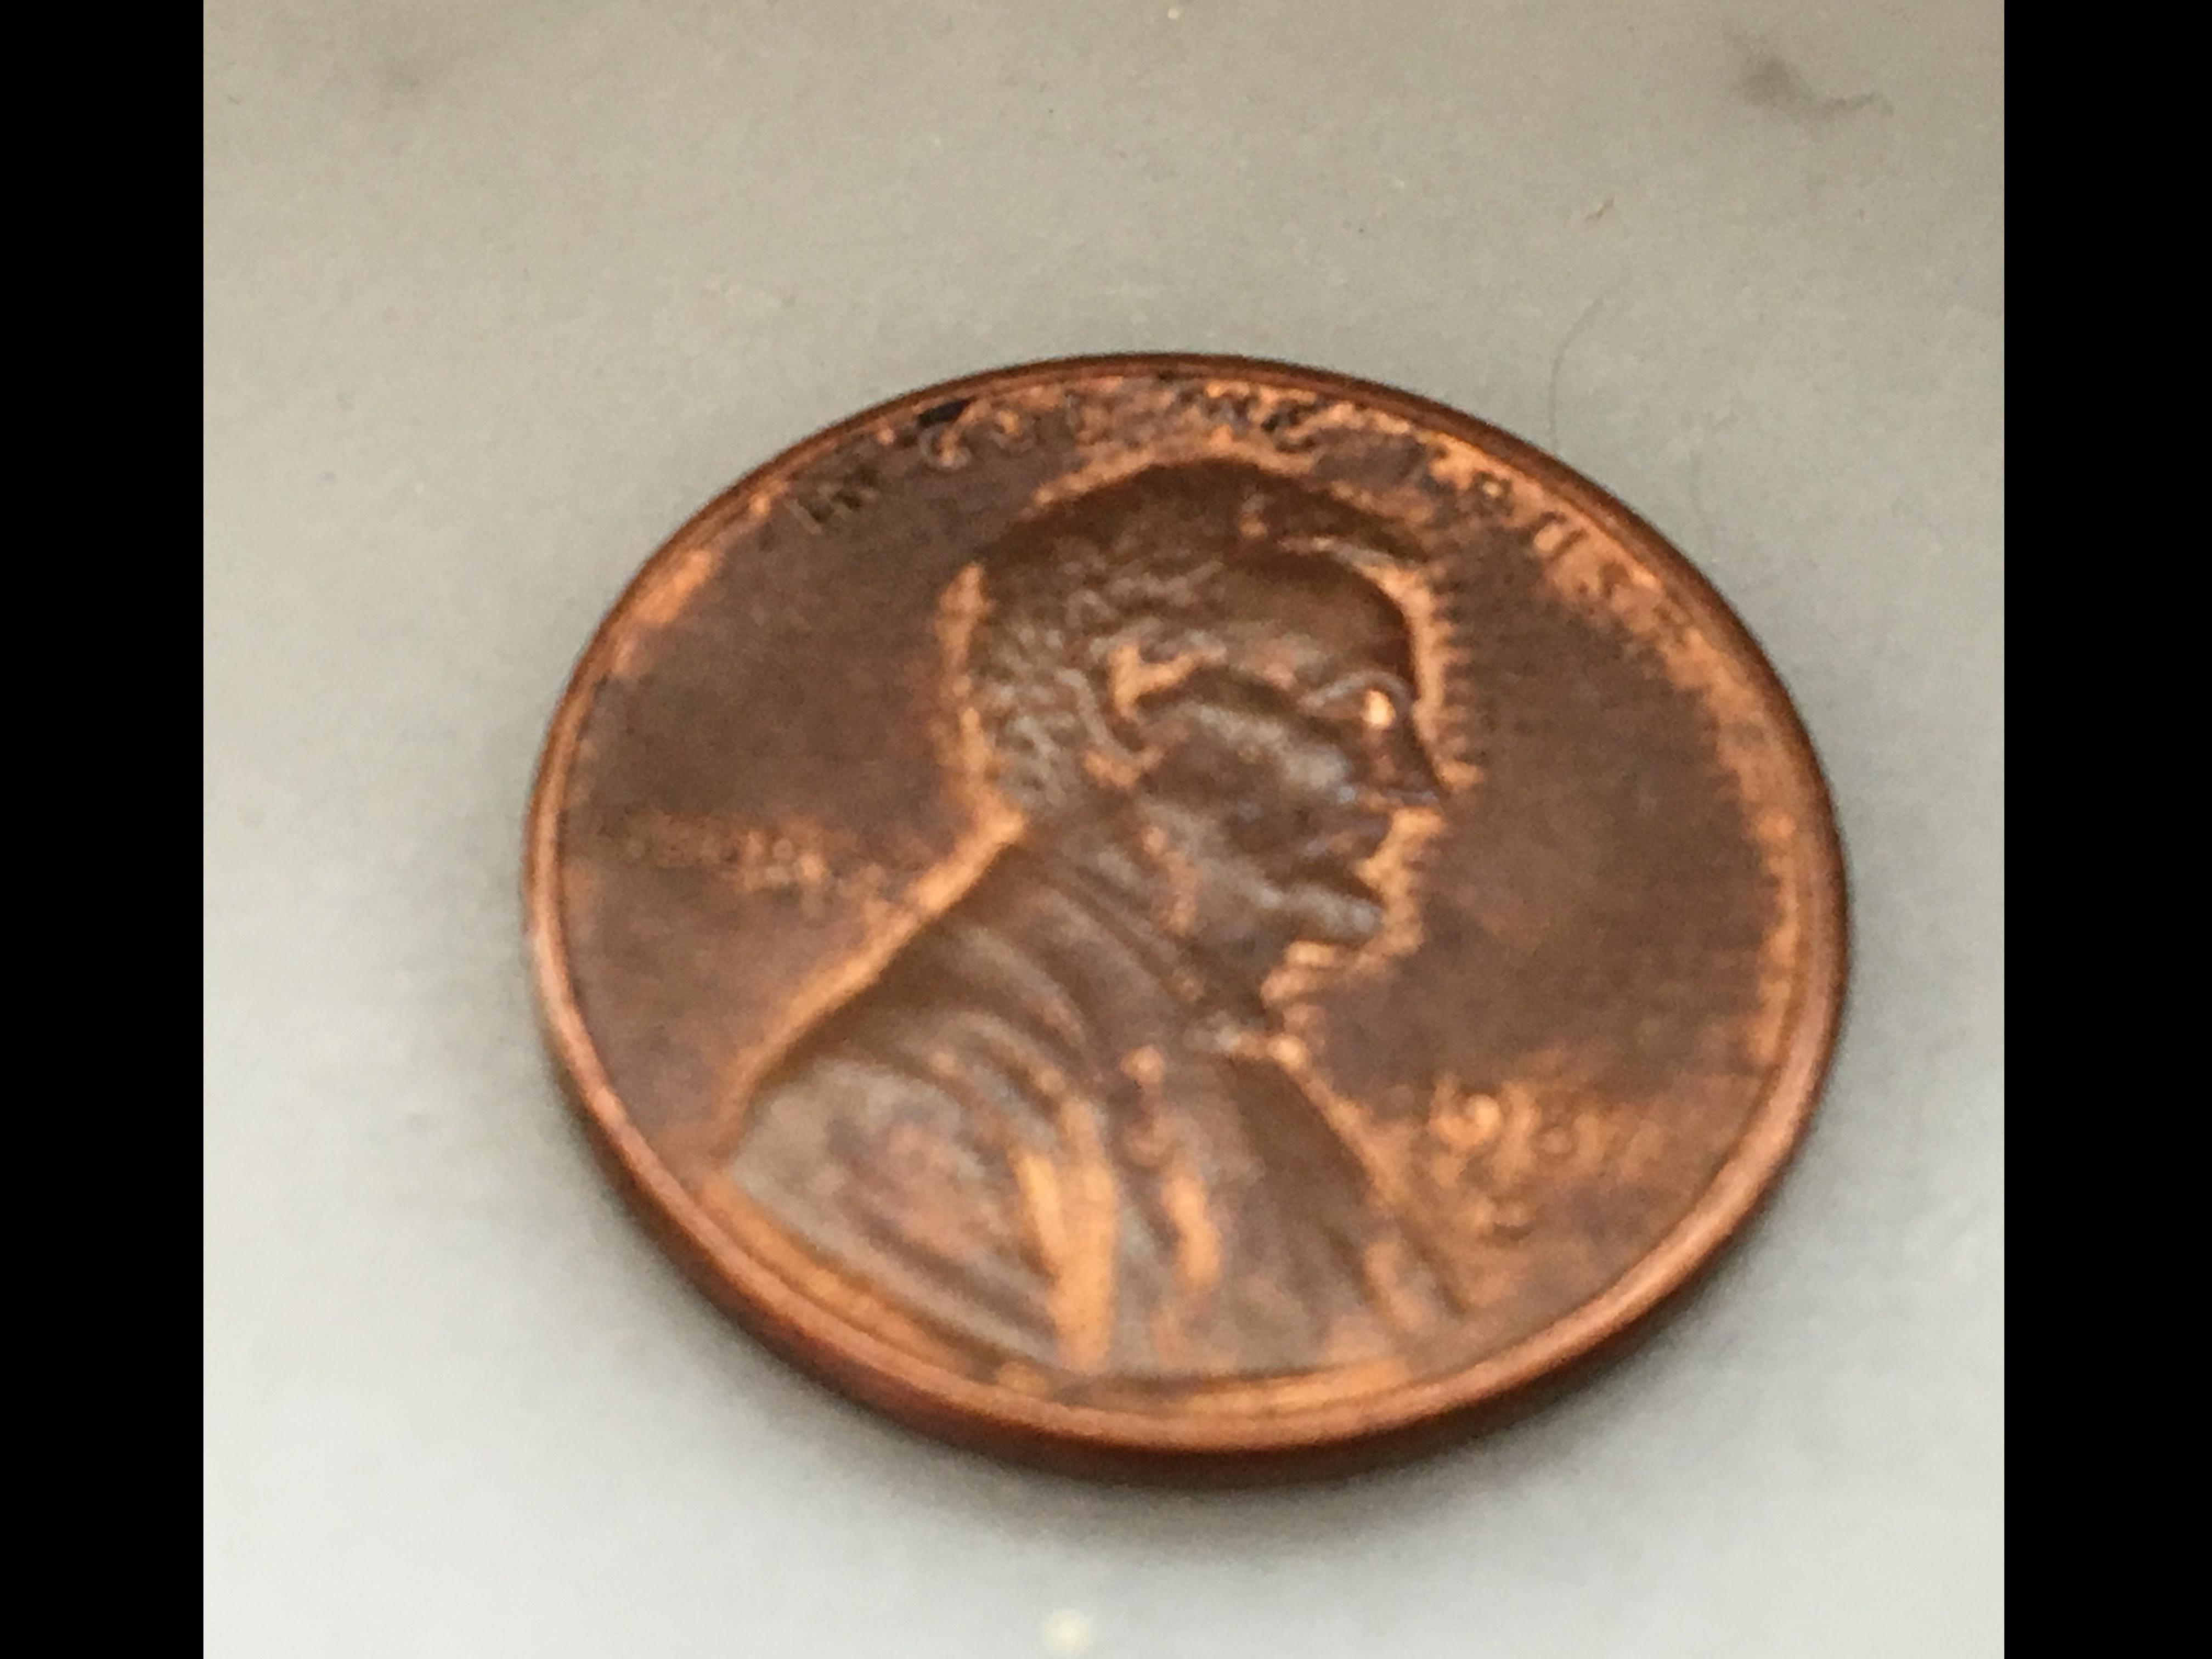 Penny-549560-edited.jpeg